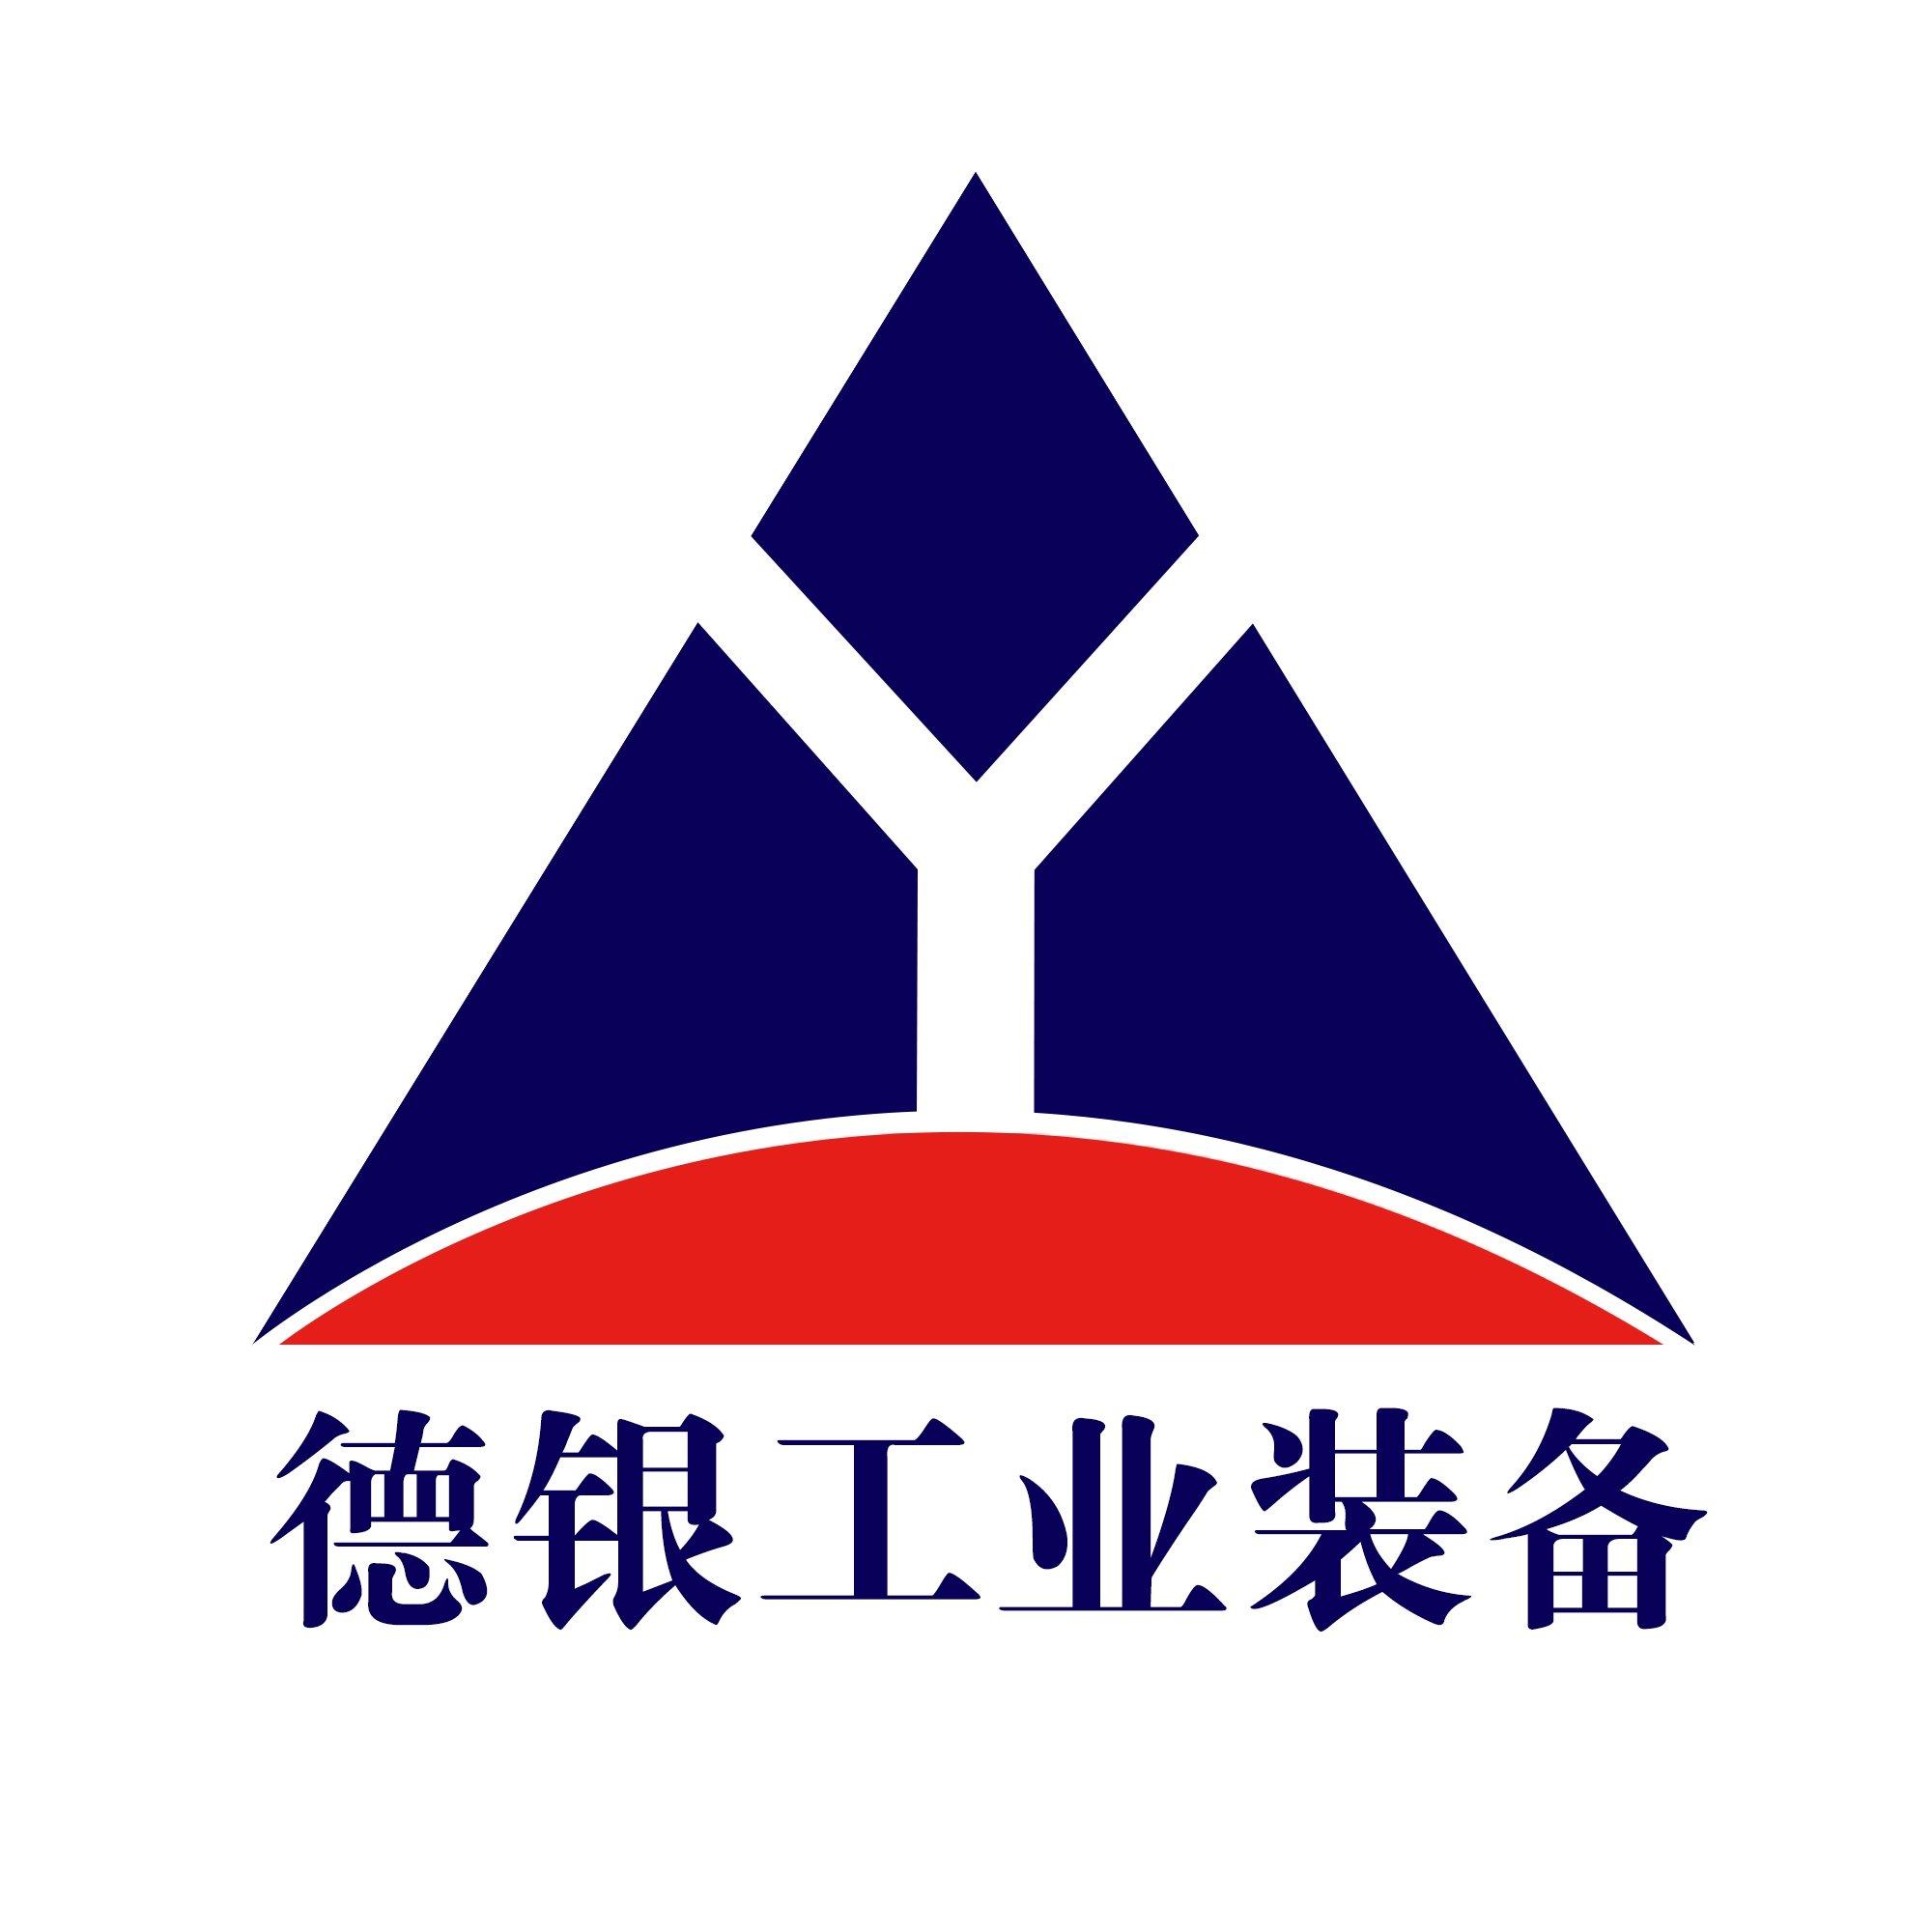 青岛德银工业装备有限公司